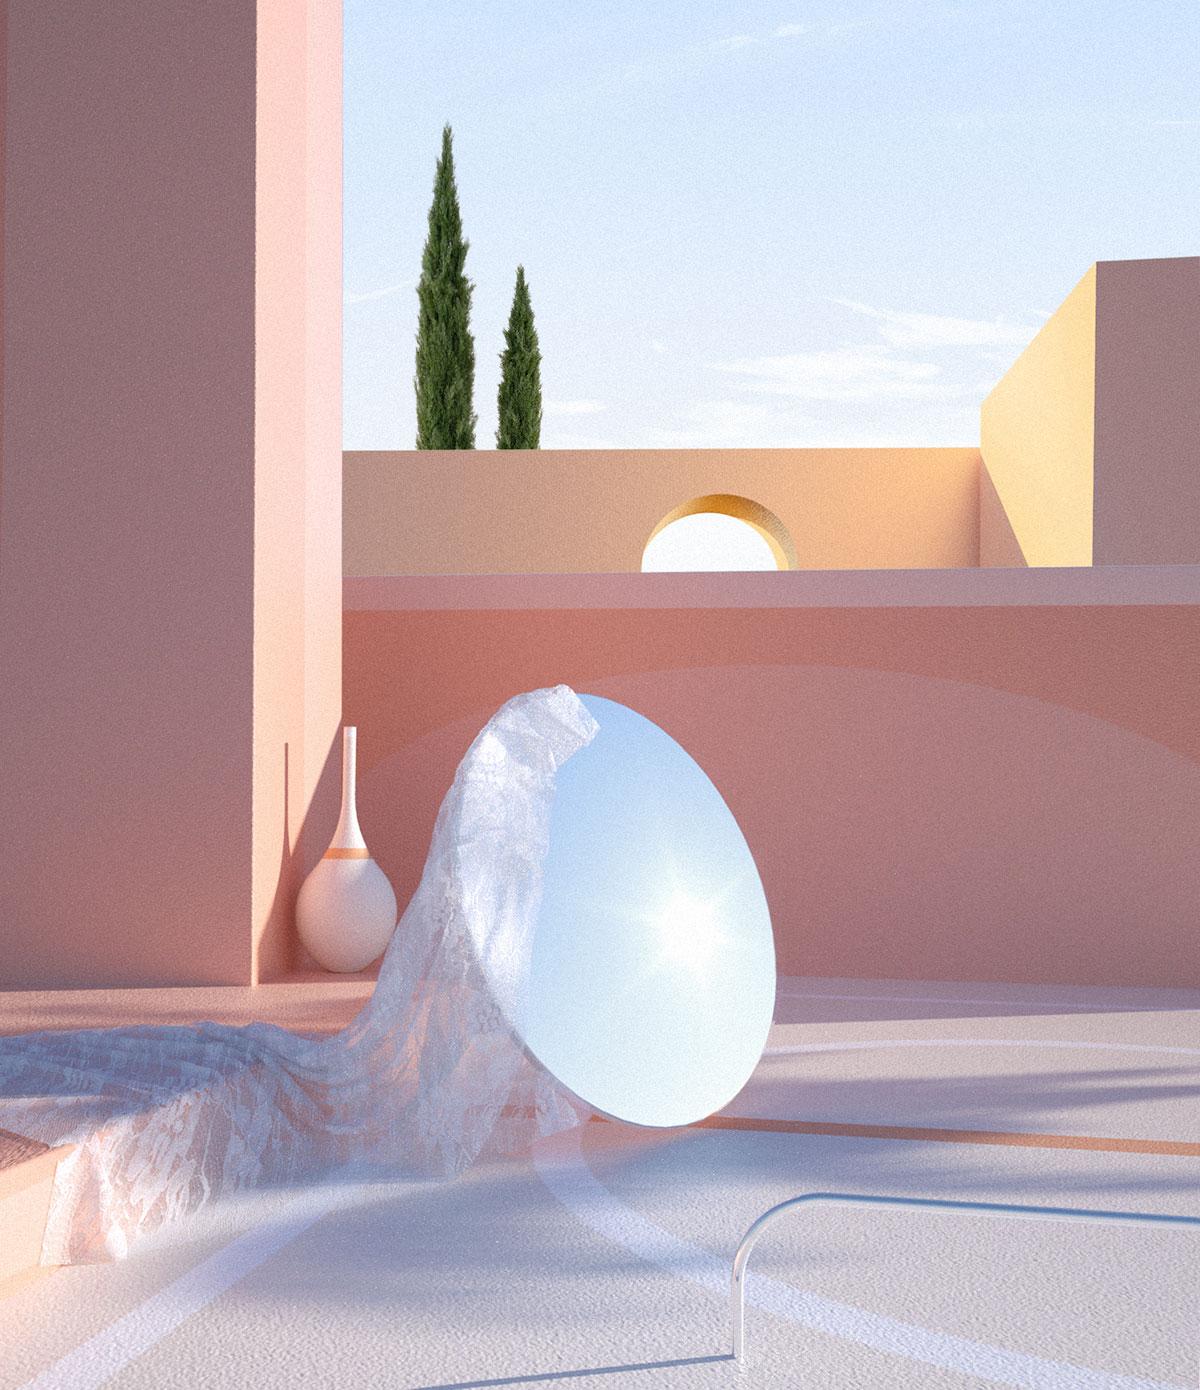 Espacio arquitectónico de tonos rosas con espejo circular.